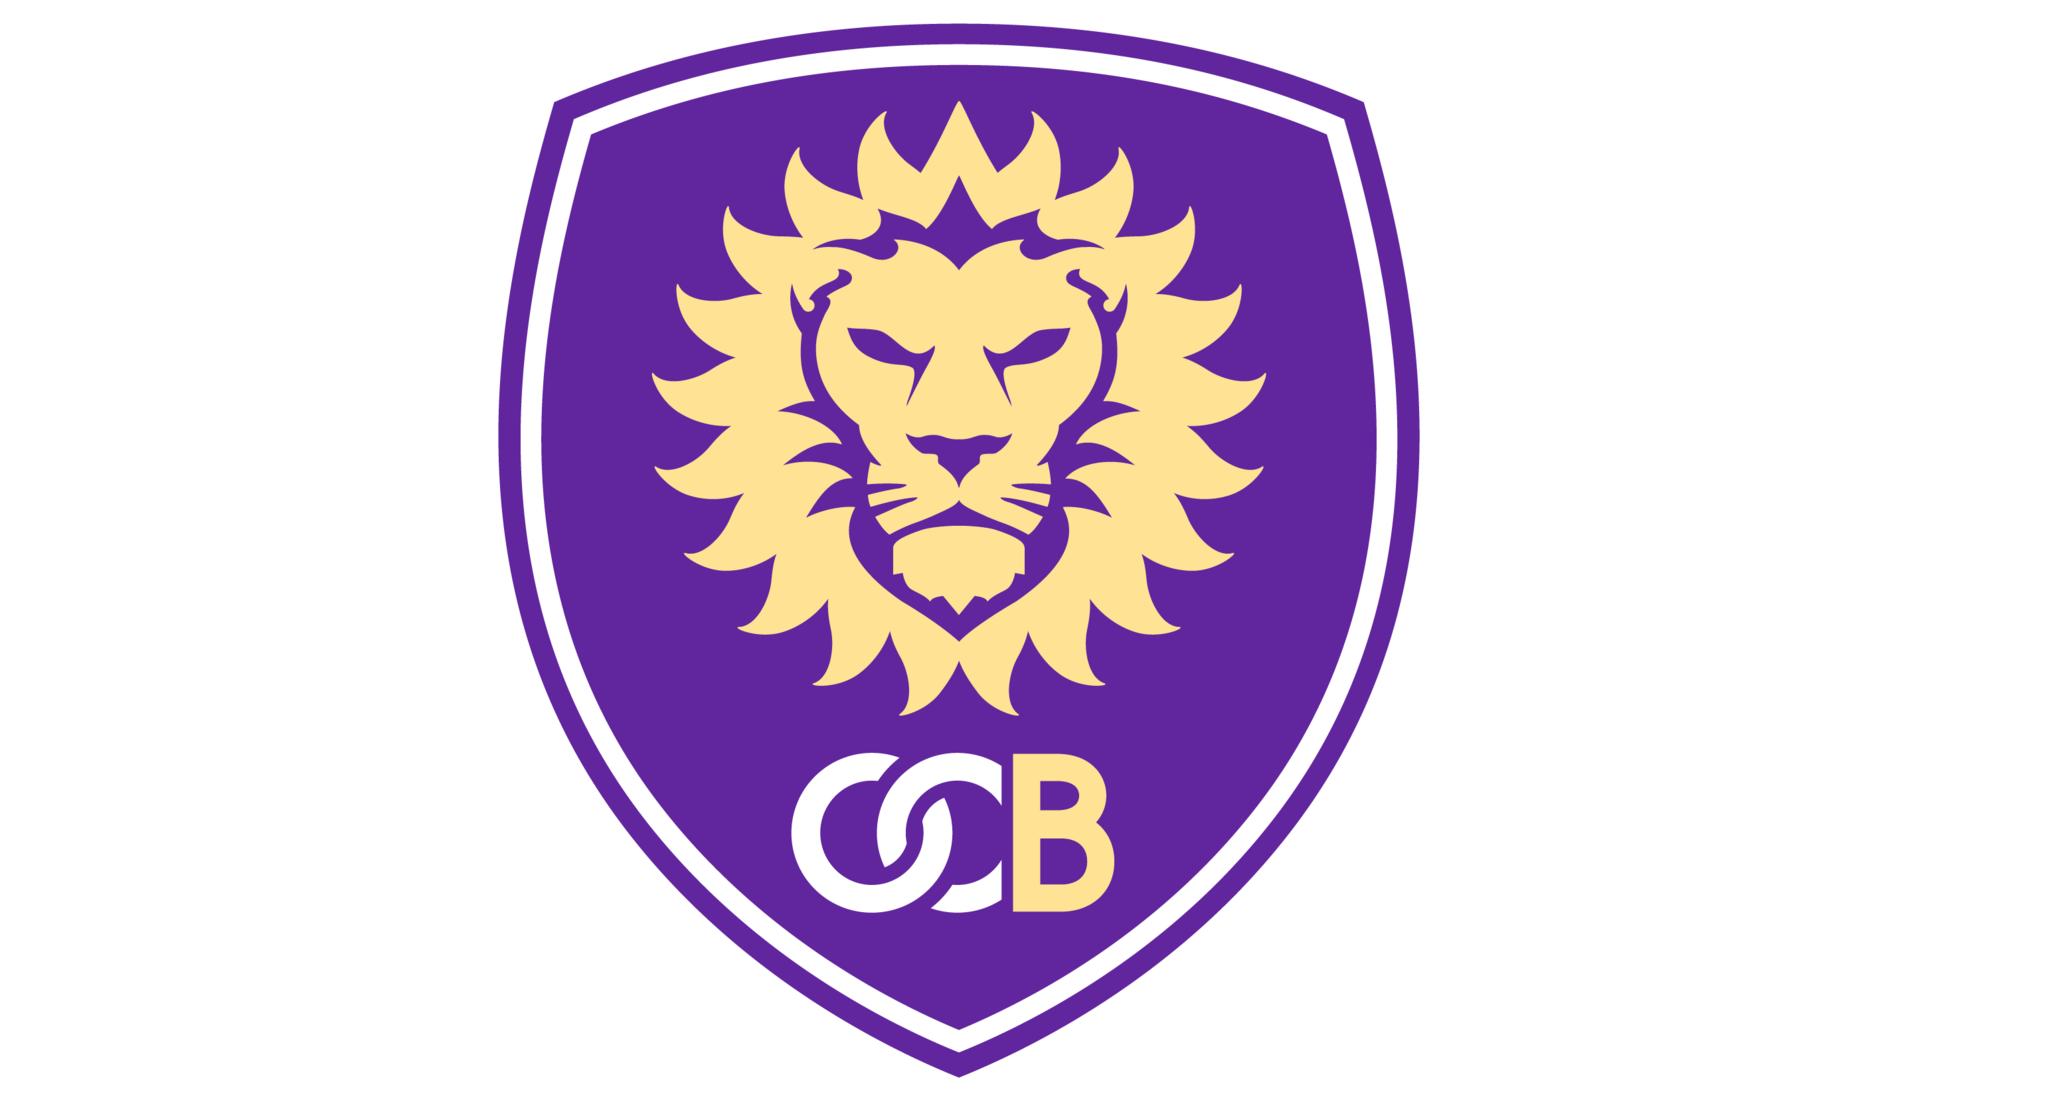 http://www.trbimg.com/img-56a7c6fc/turbine/os-orlando-city-b-logo